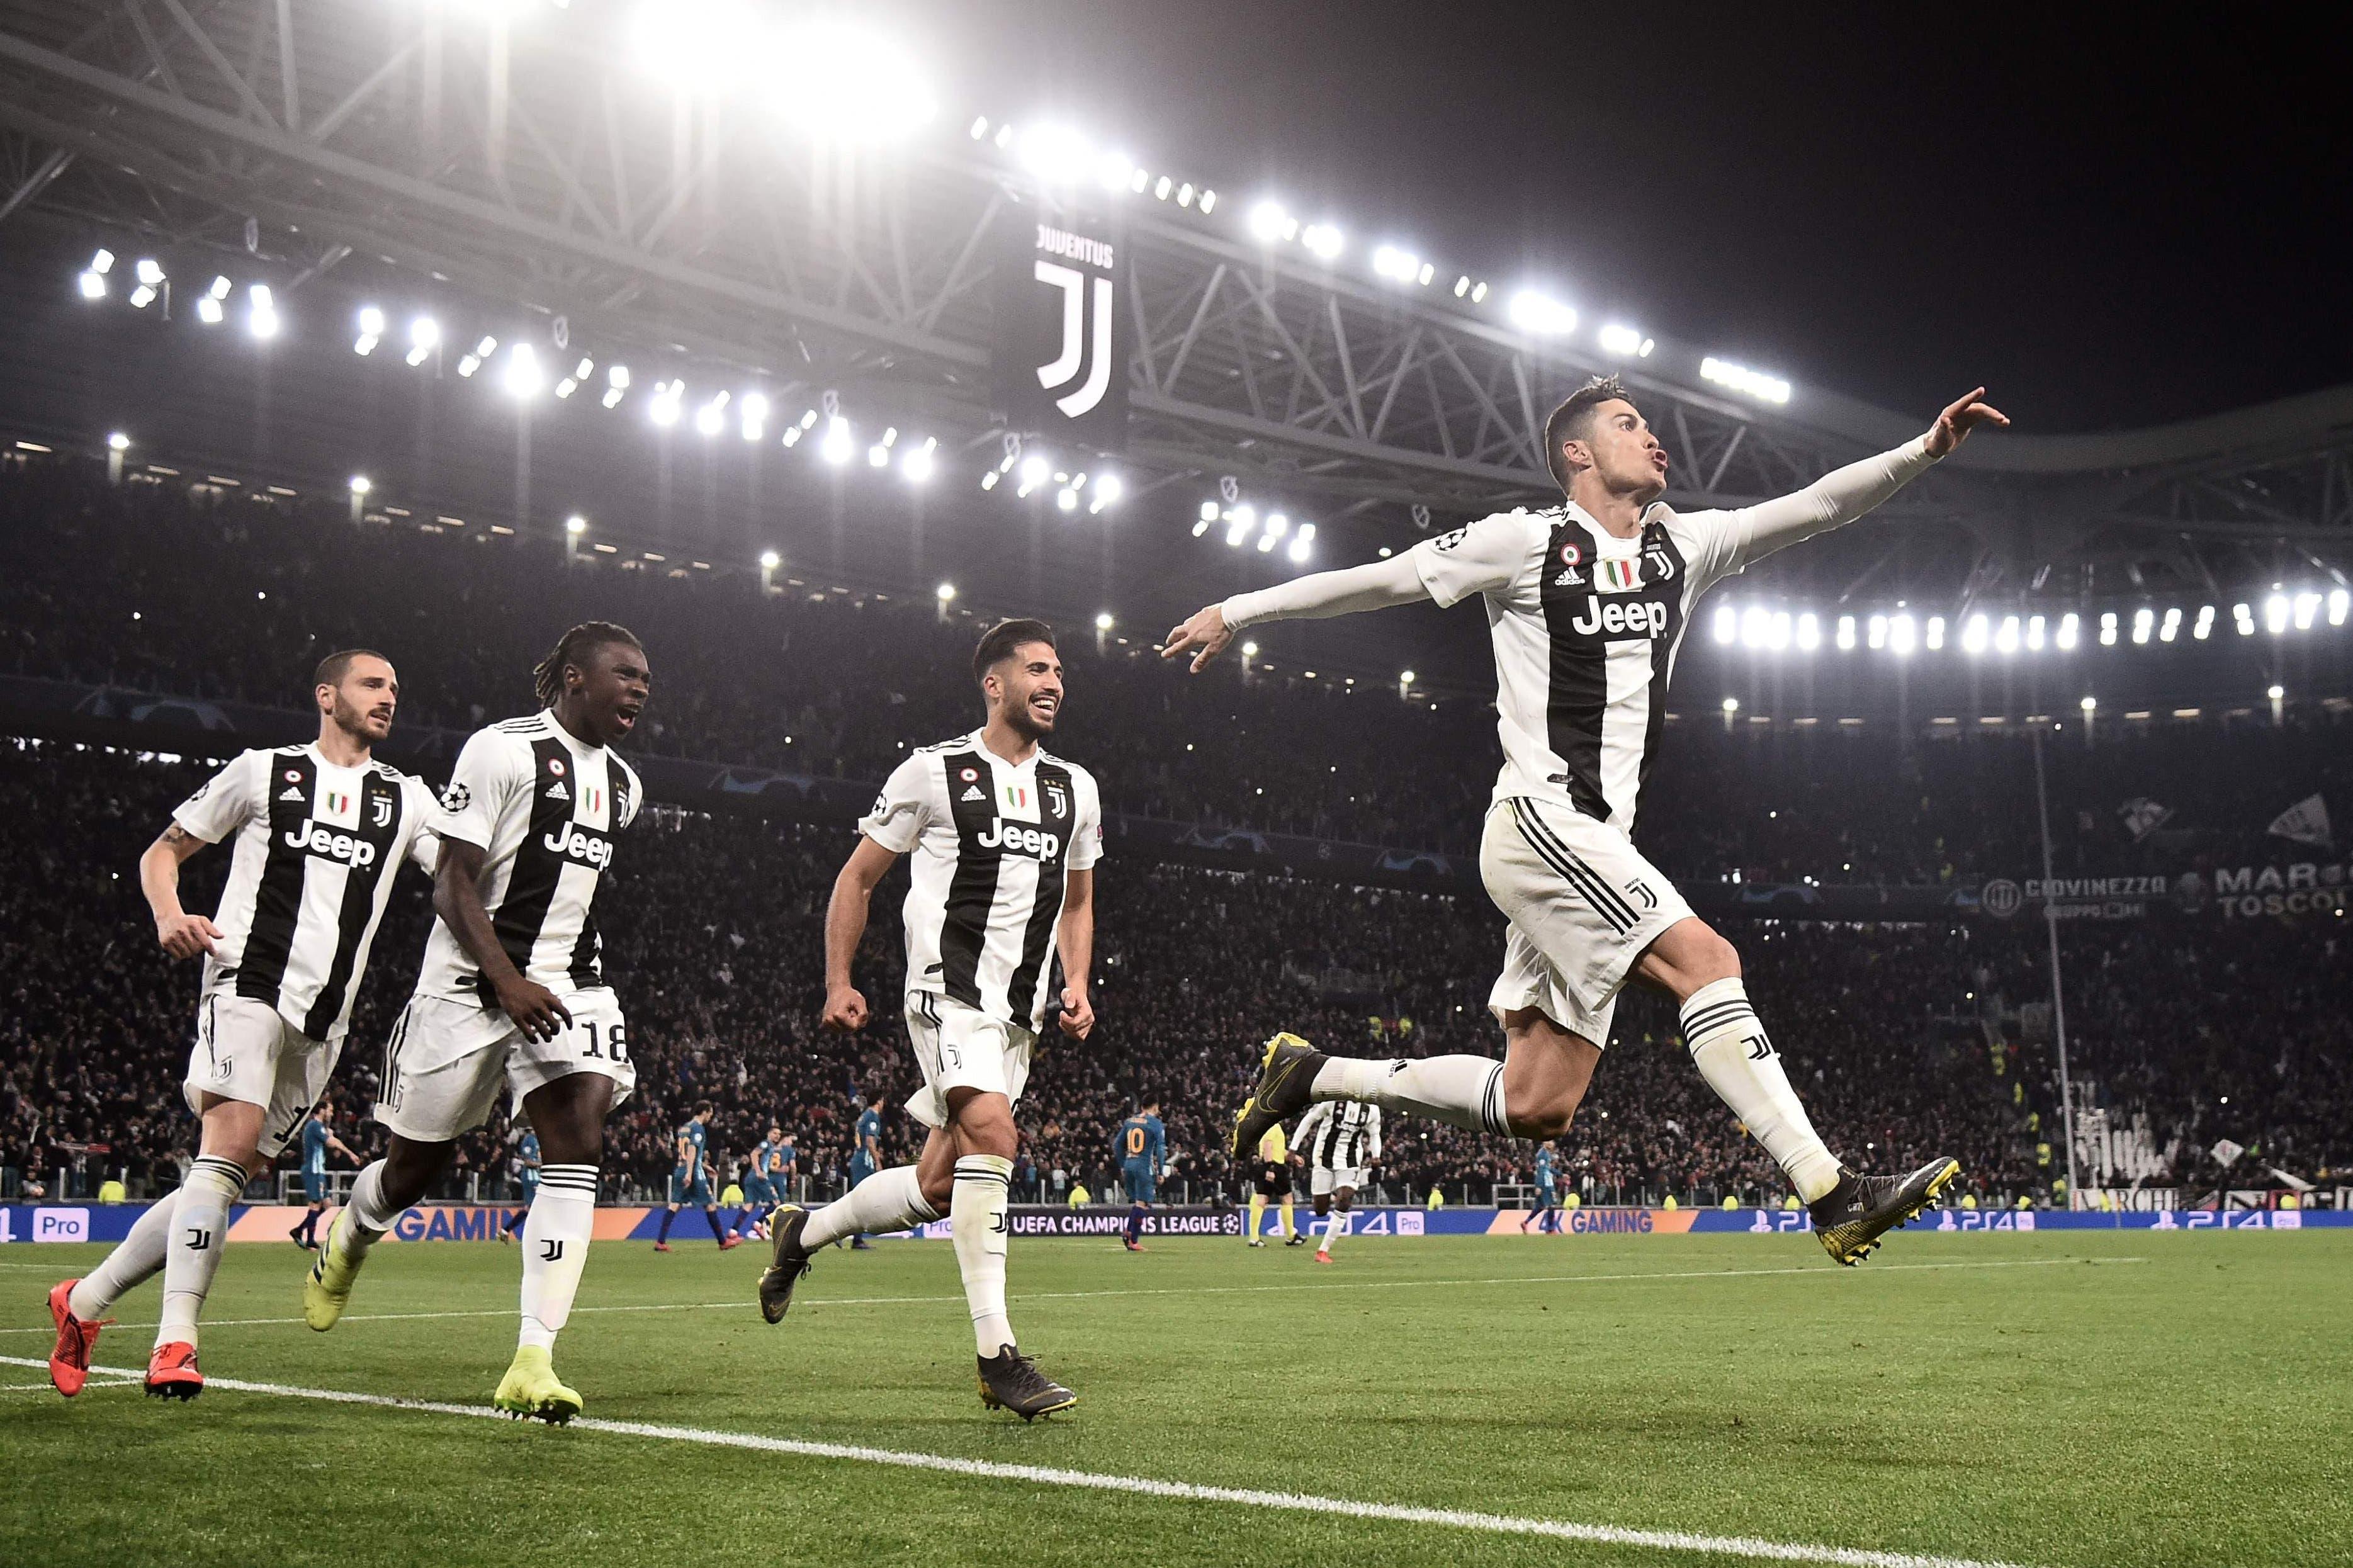 Una mina de oro. Cristiano vale millones e hizo subir las acciones de Juventus en la bolsa